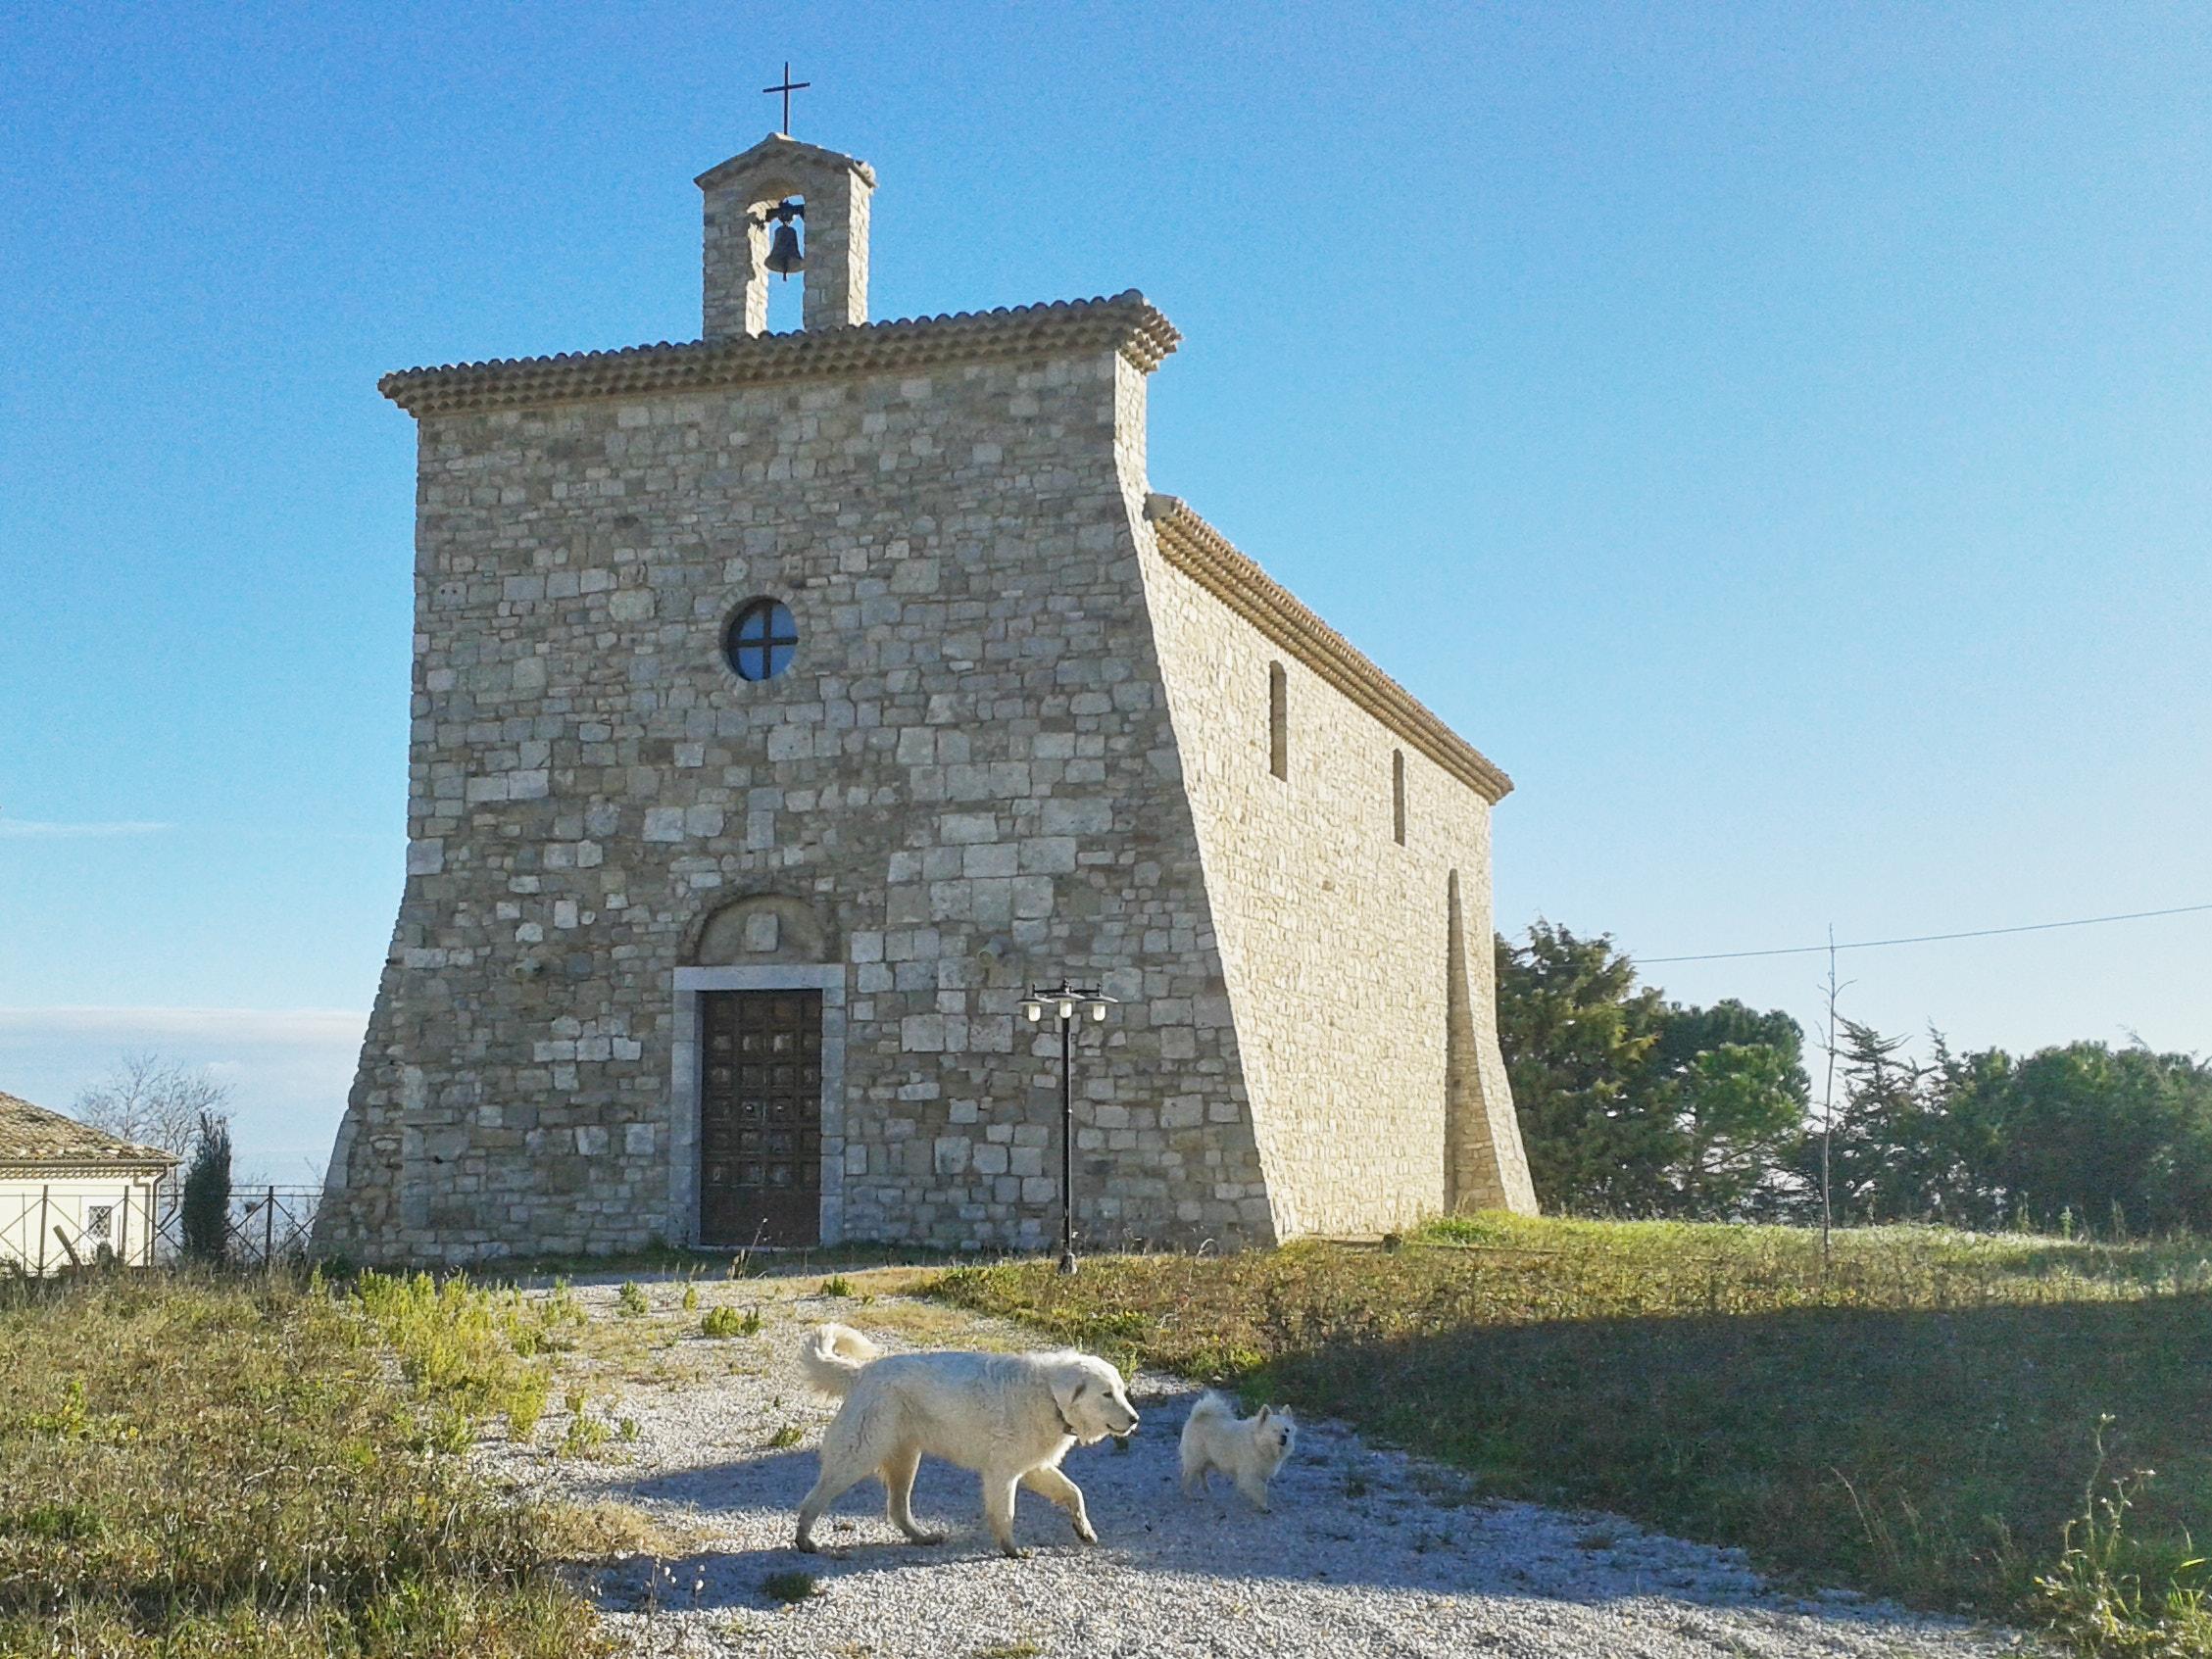 cappella di sant'elena san giuliano di puglia campobasso regio tratturo celano-foggia